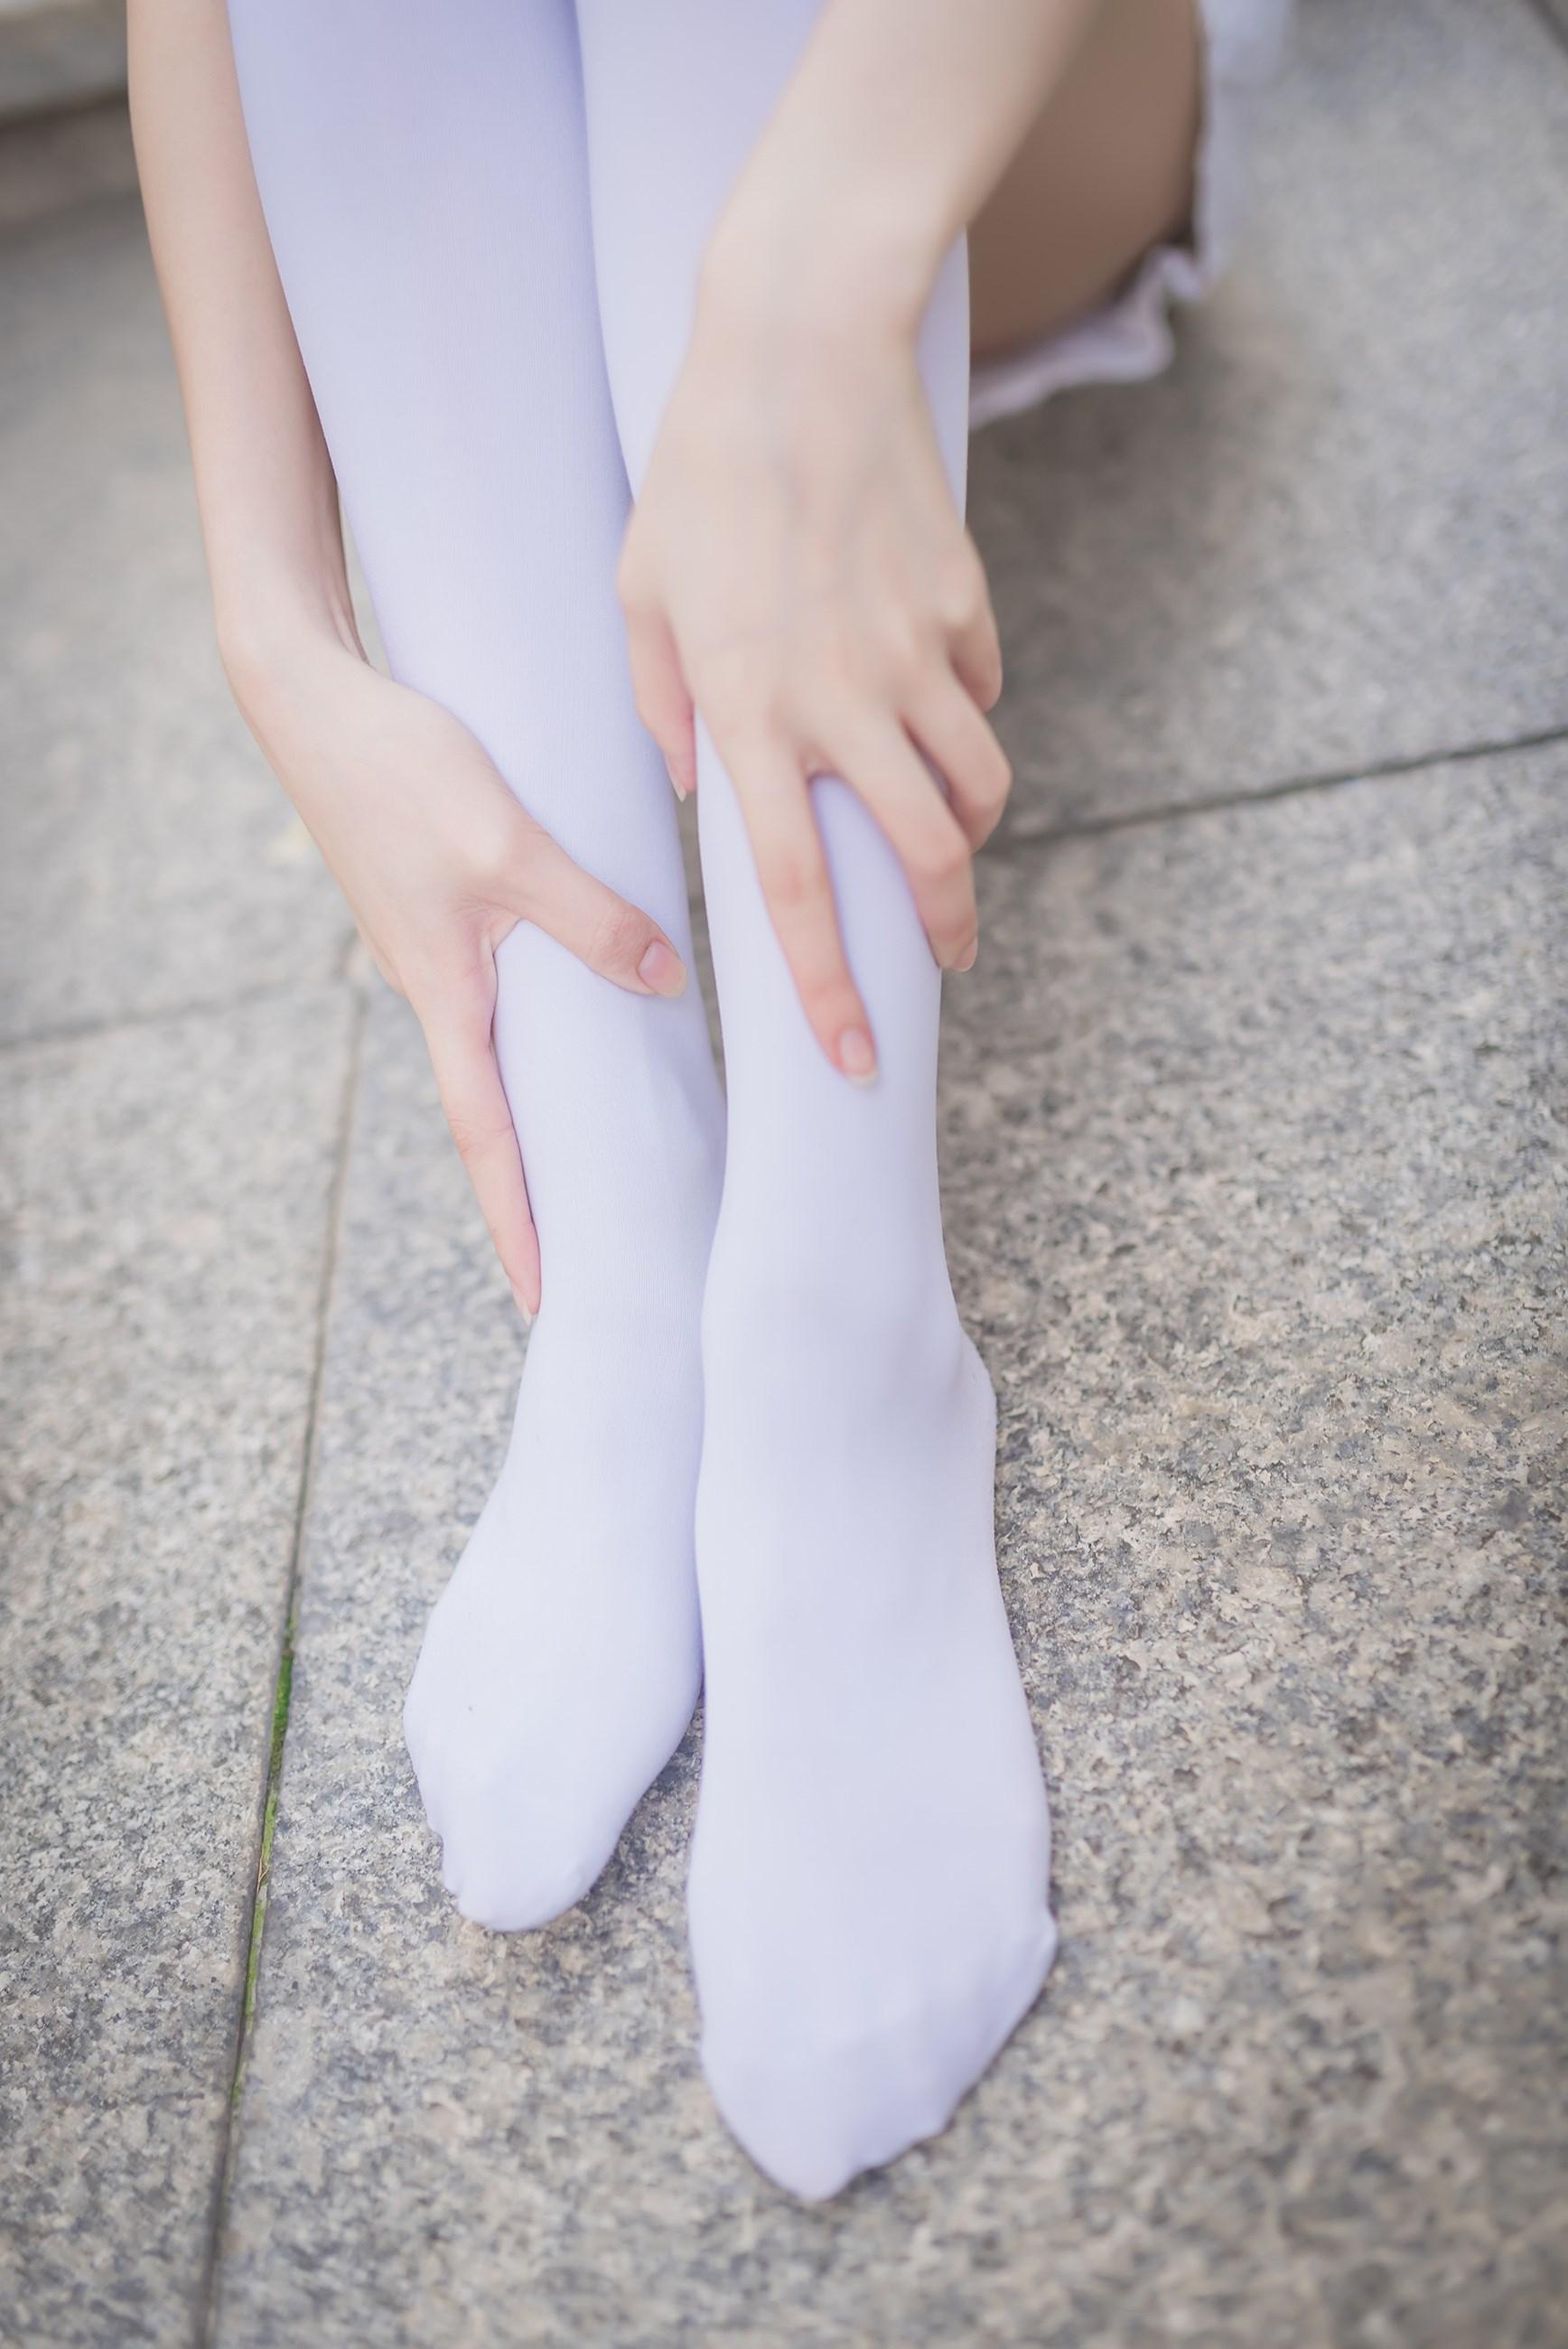 【兔玩映画】白丝过膝袜 兔玩映画 第41张